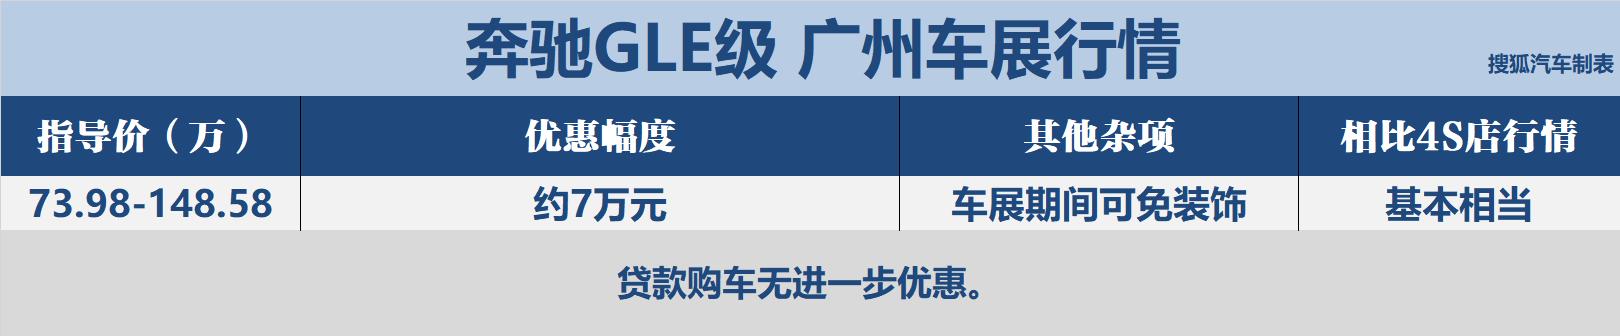 奔驰GLE级:现金优惠7万元左右。车展期间可以避免装饰